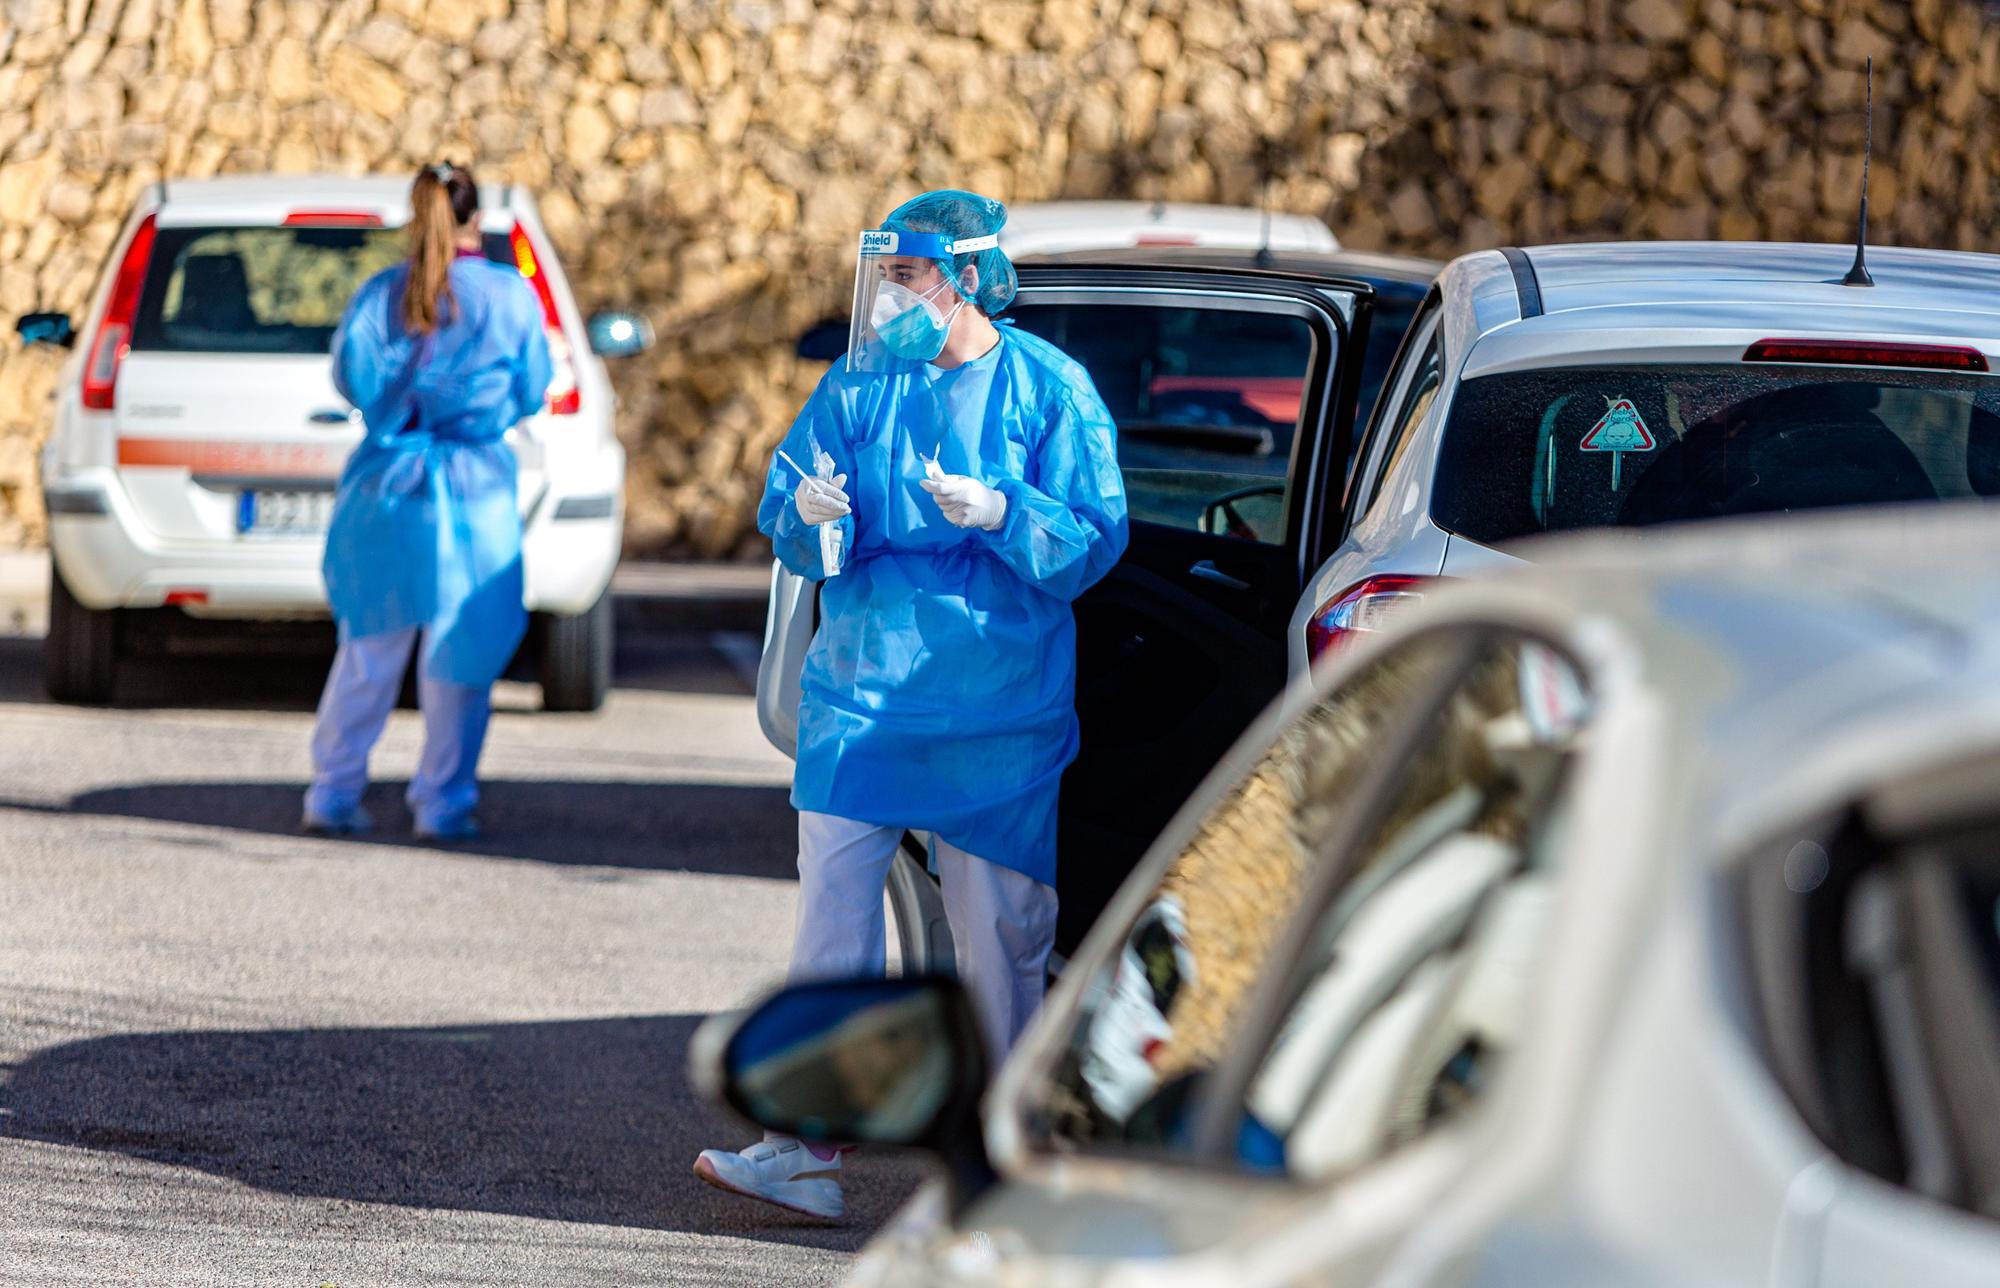 Callosa d'en Sarrià pide a los vecinos que se queden en casa y extremen las precauciones ante el covid